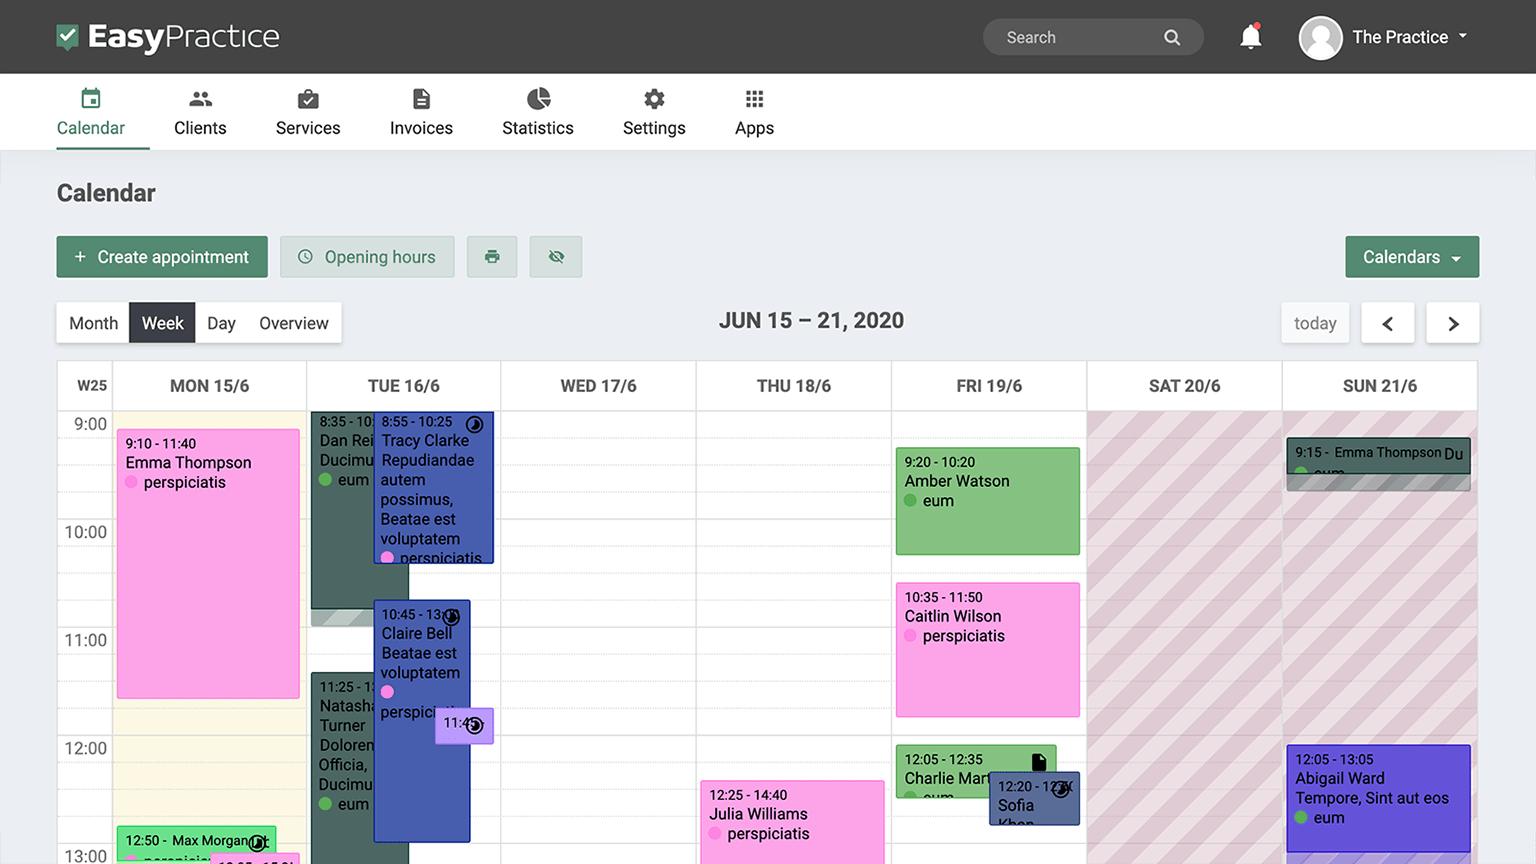 Screenshot of EasyPractice calendar